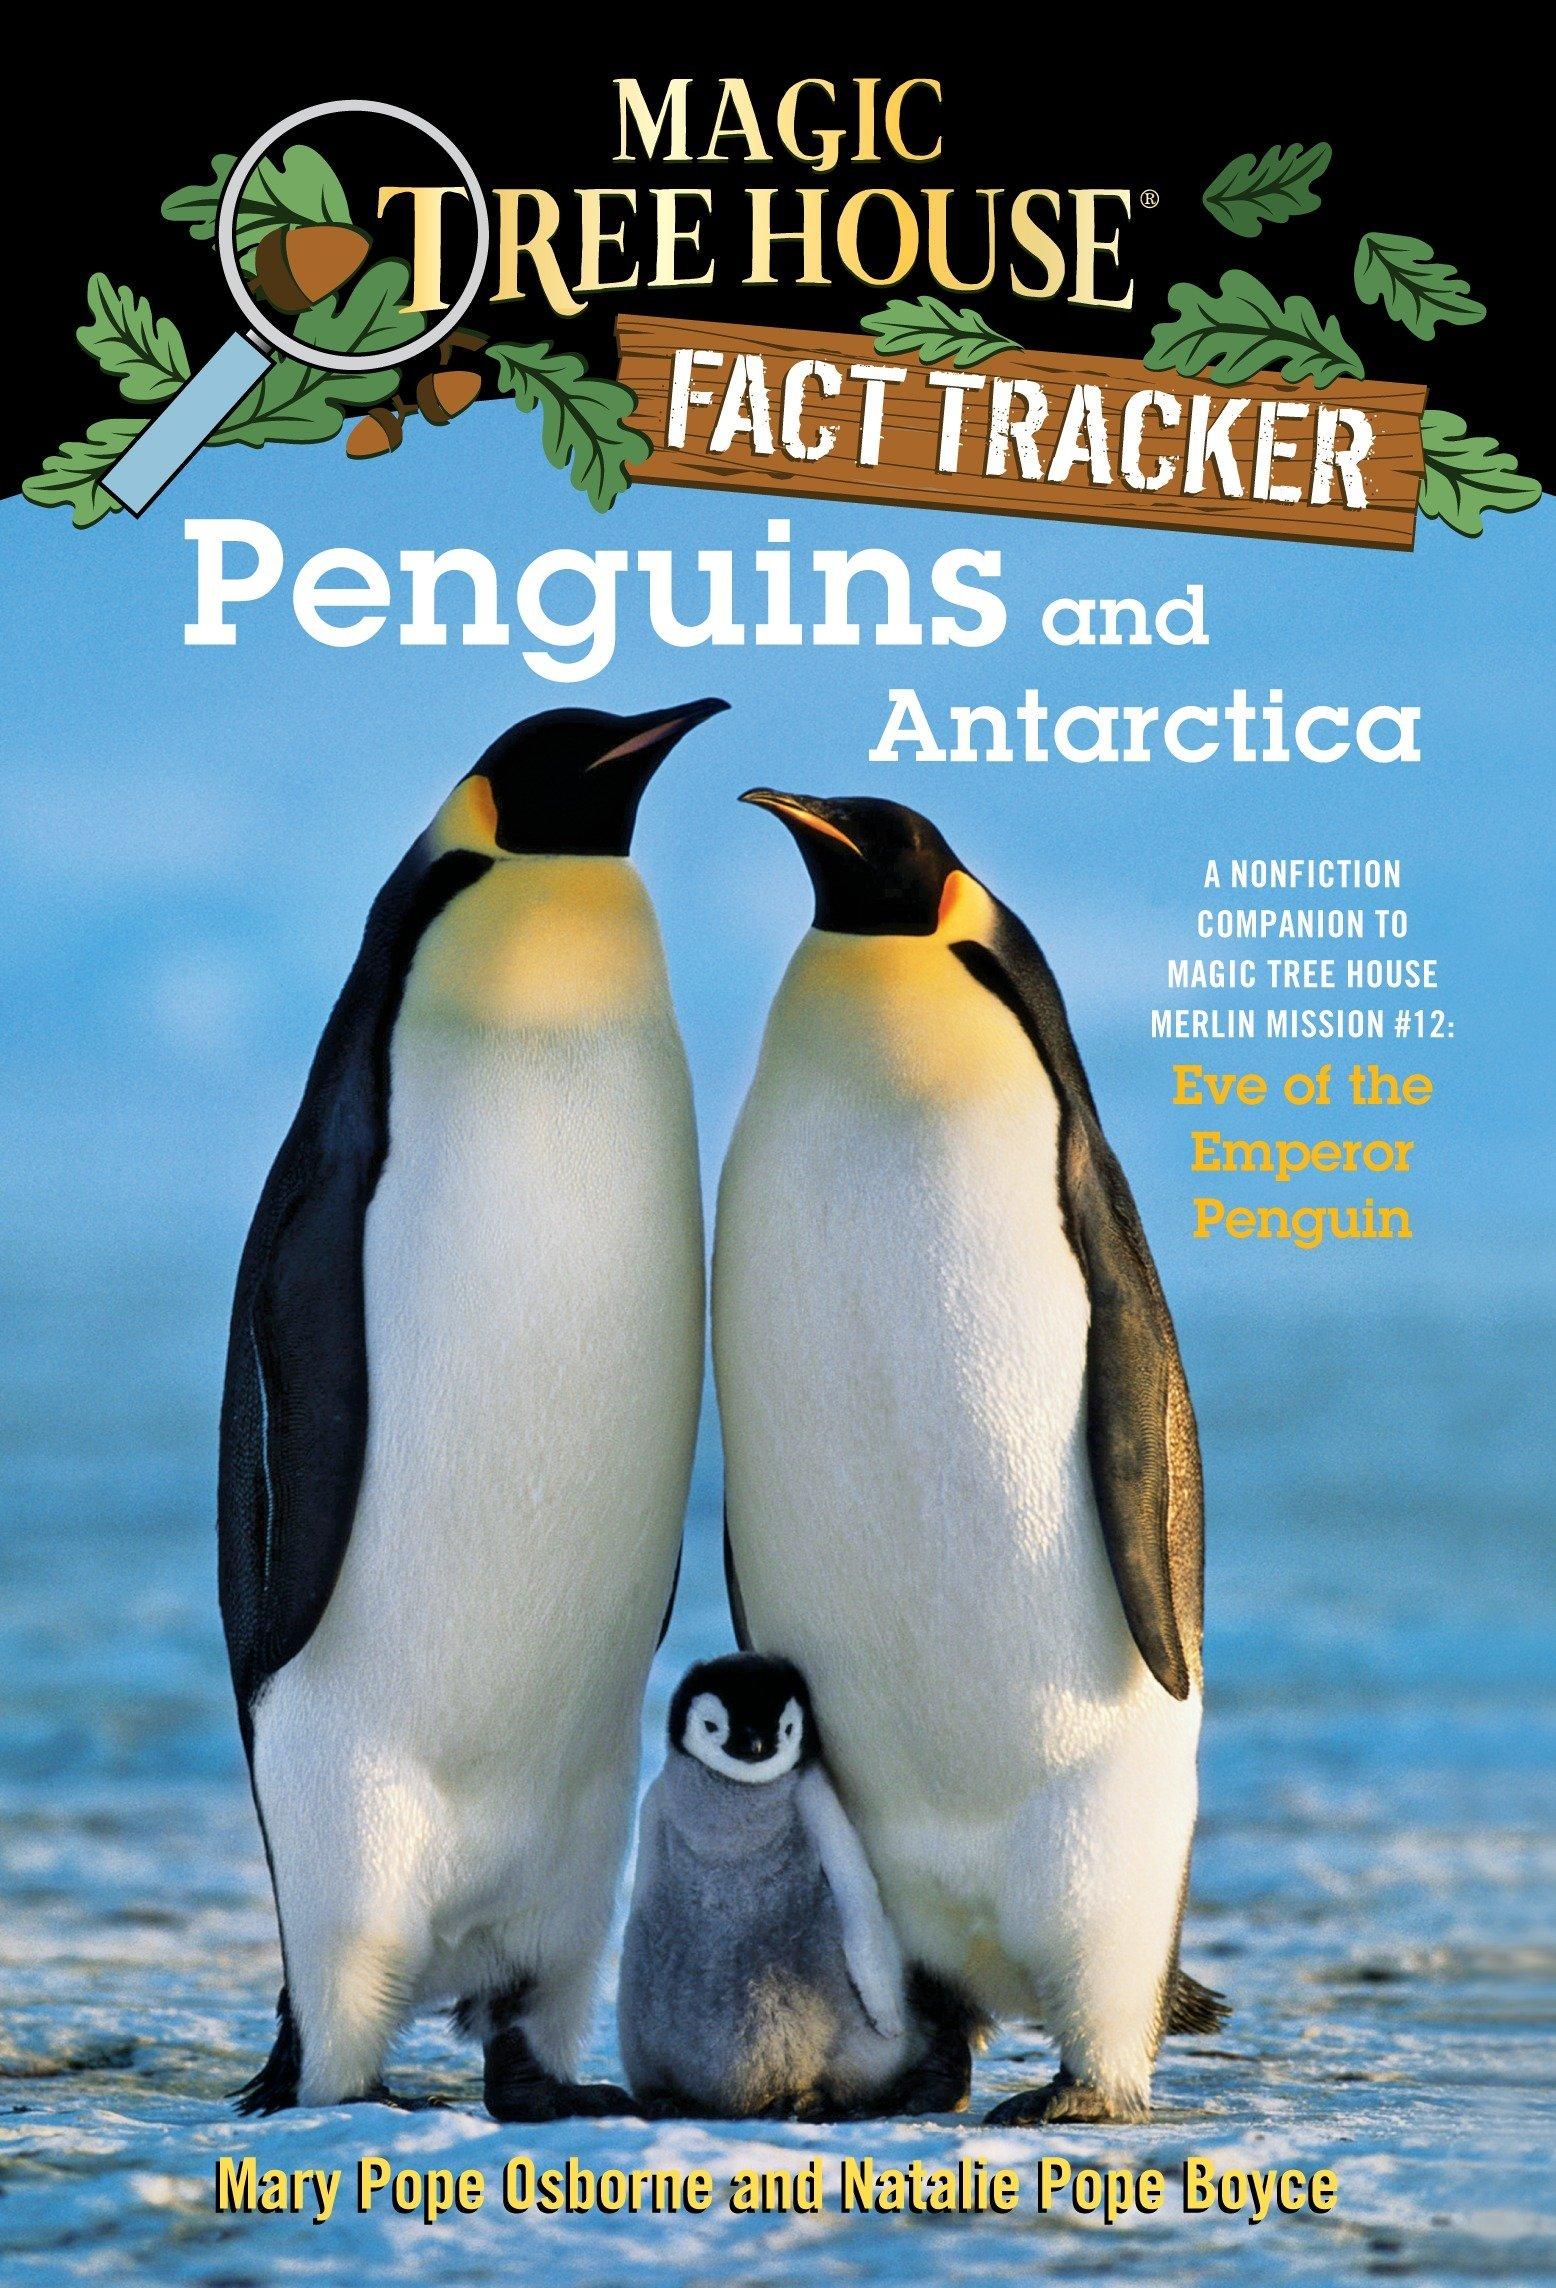 Penguins Antarctica Nonfiction Companion Mission product image